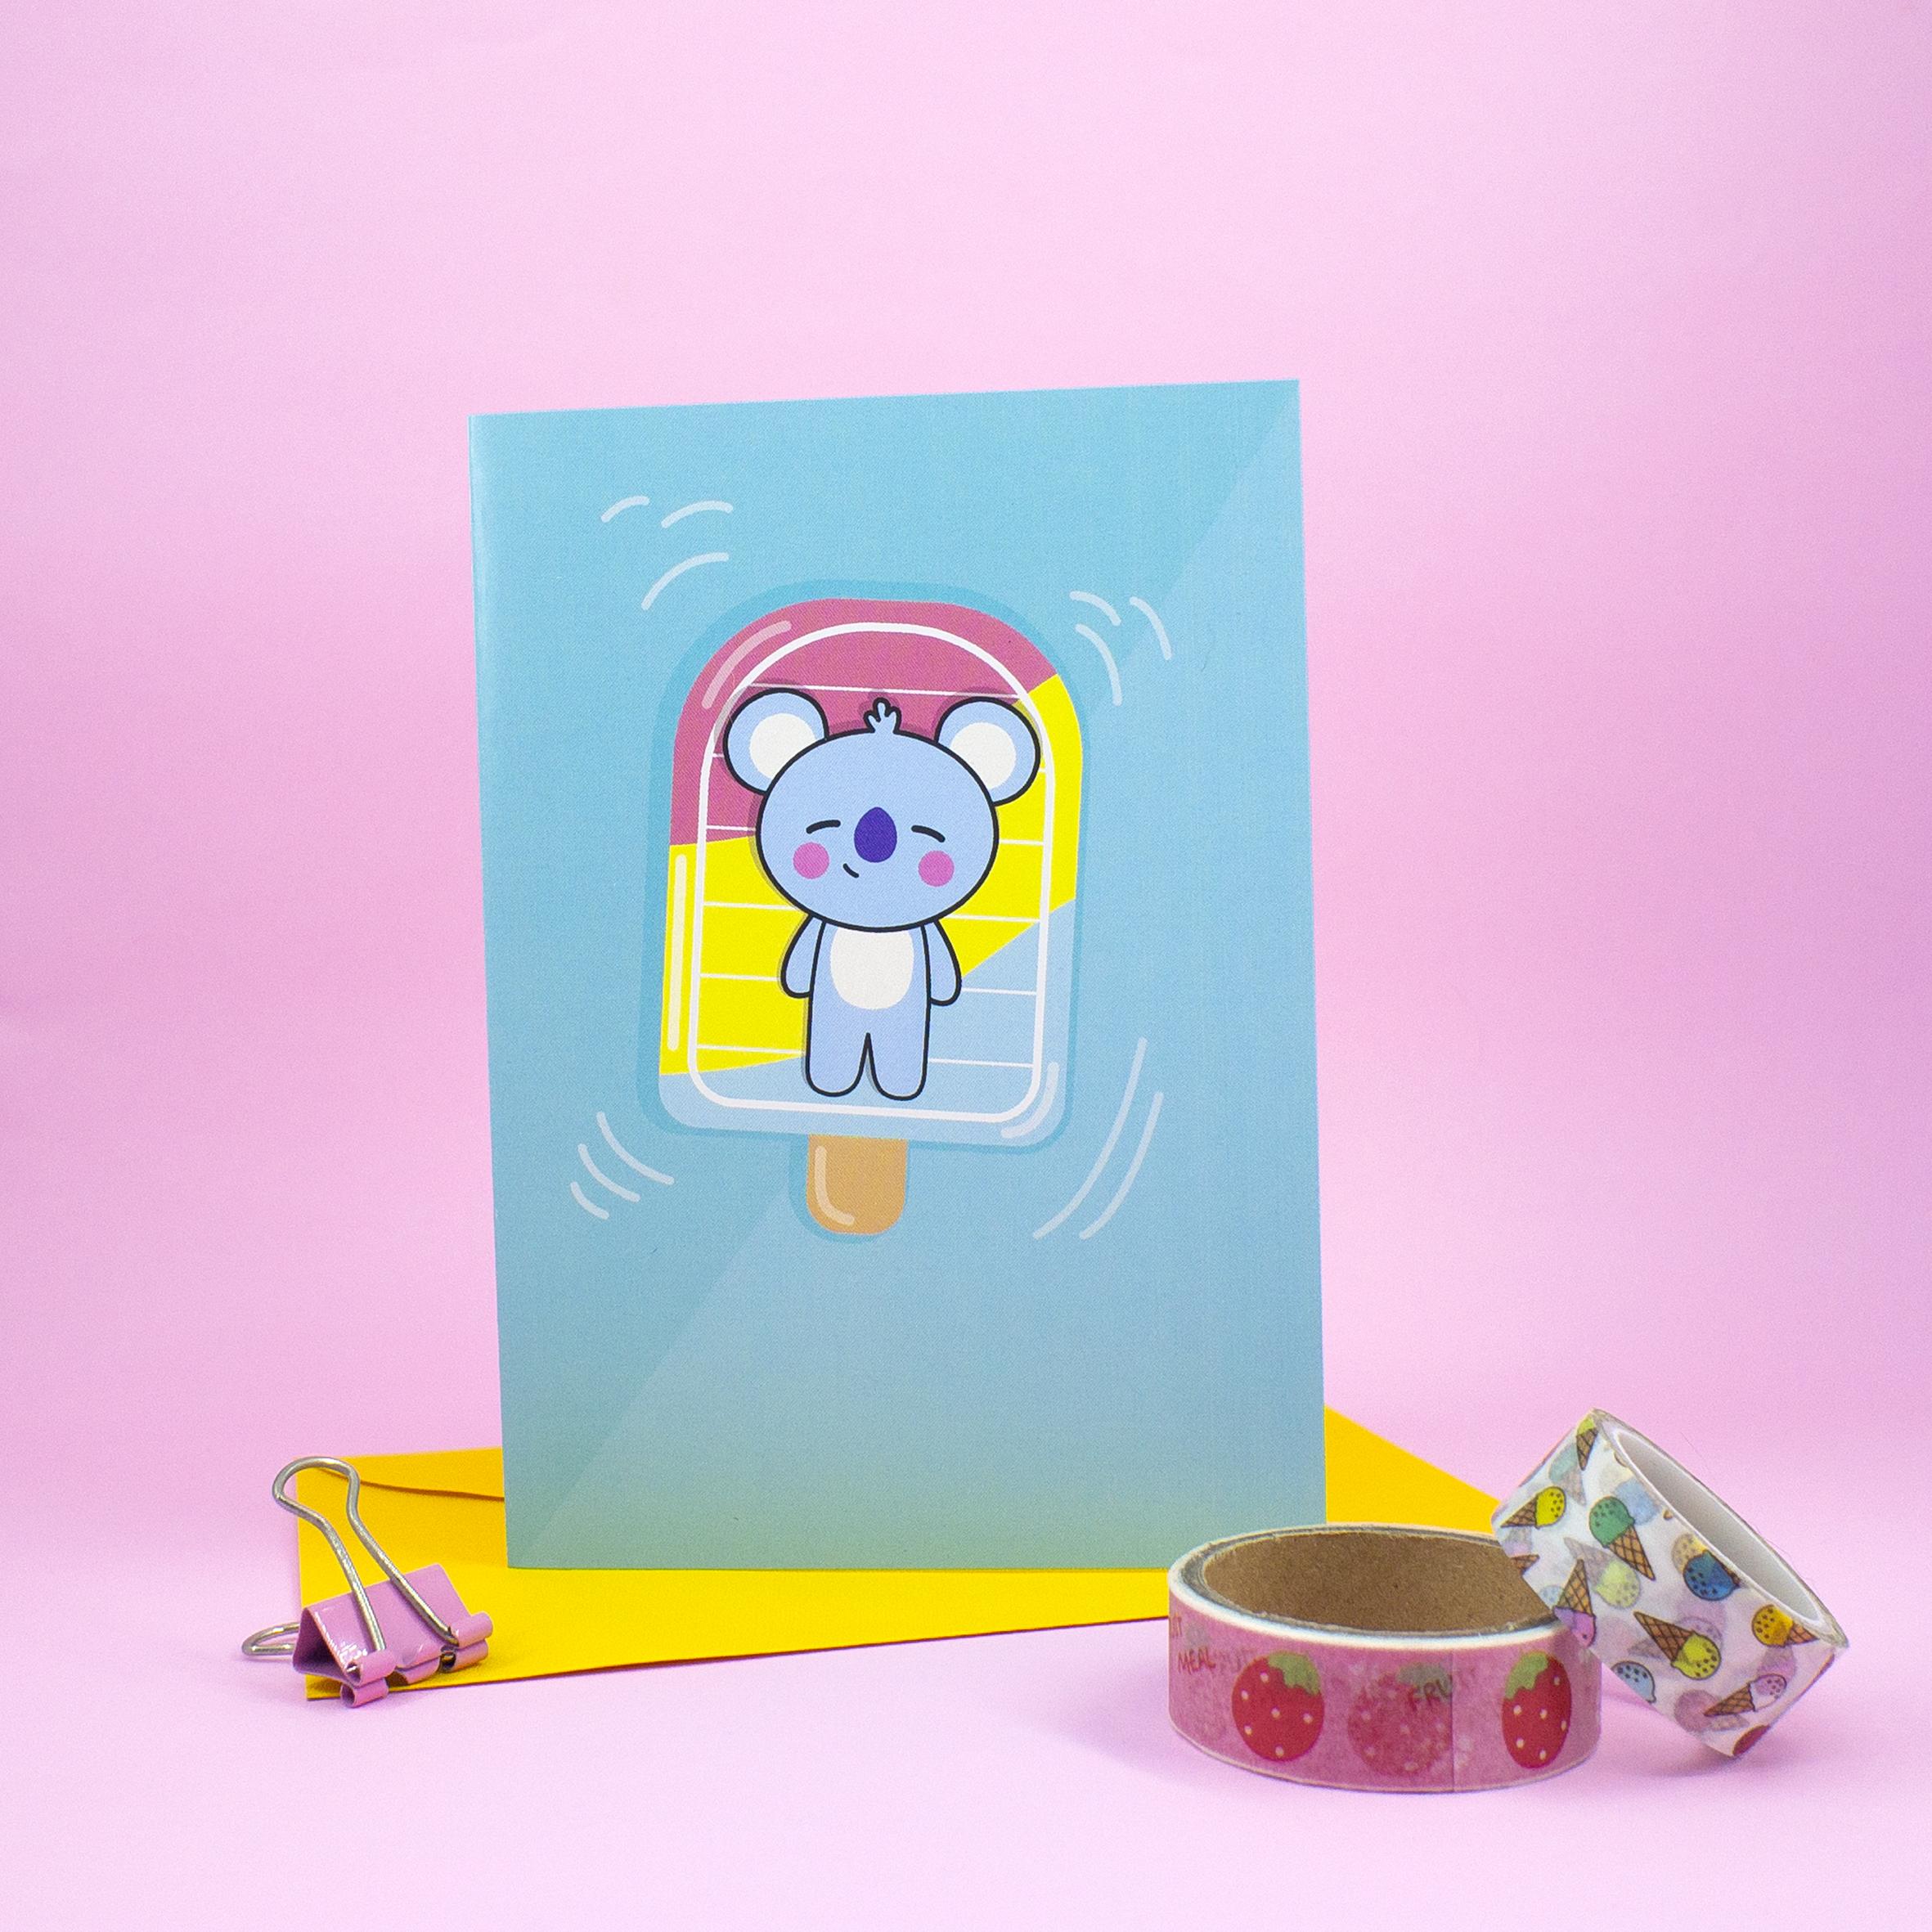 Cartões de Saudação inspirados no personagens do BT21 | Line Friends